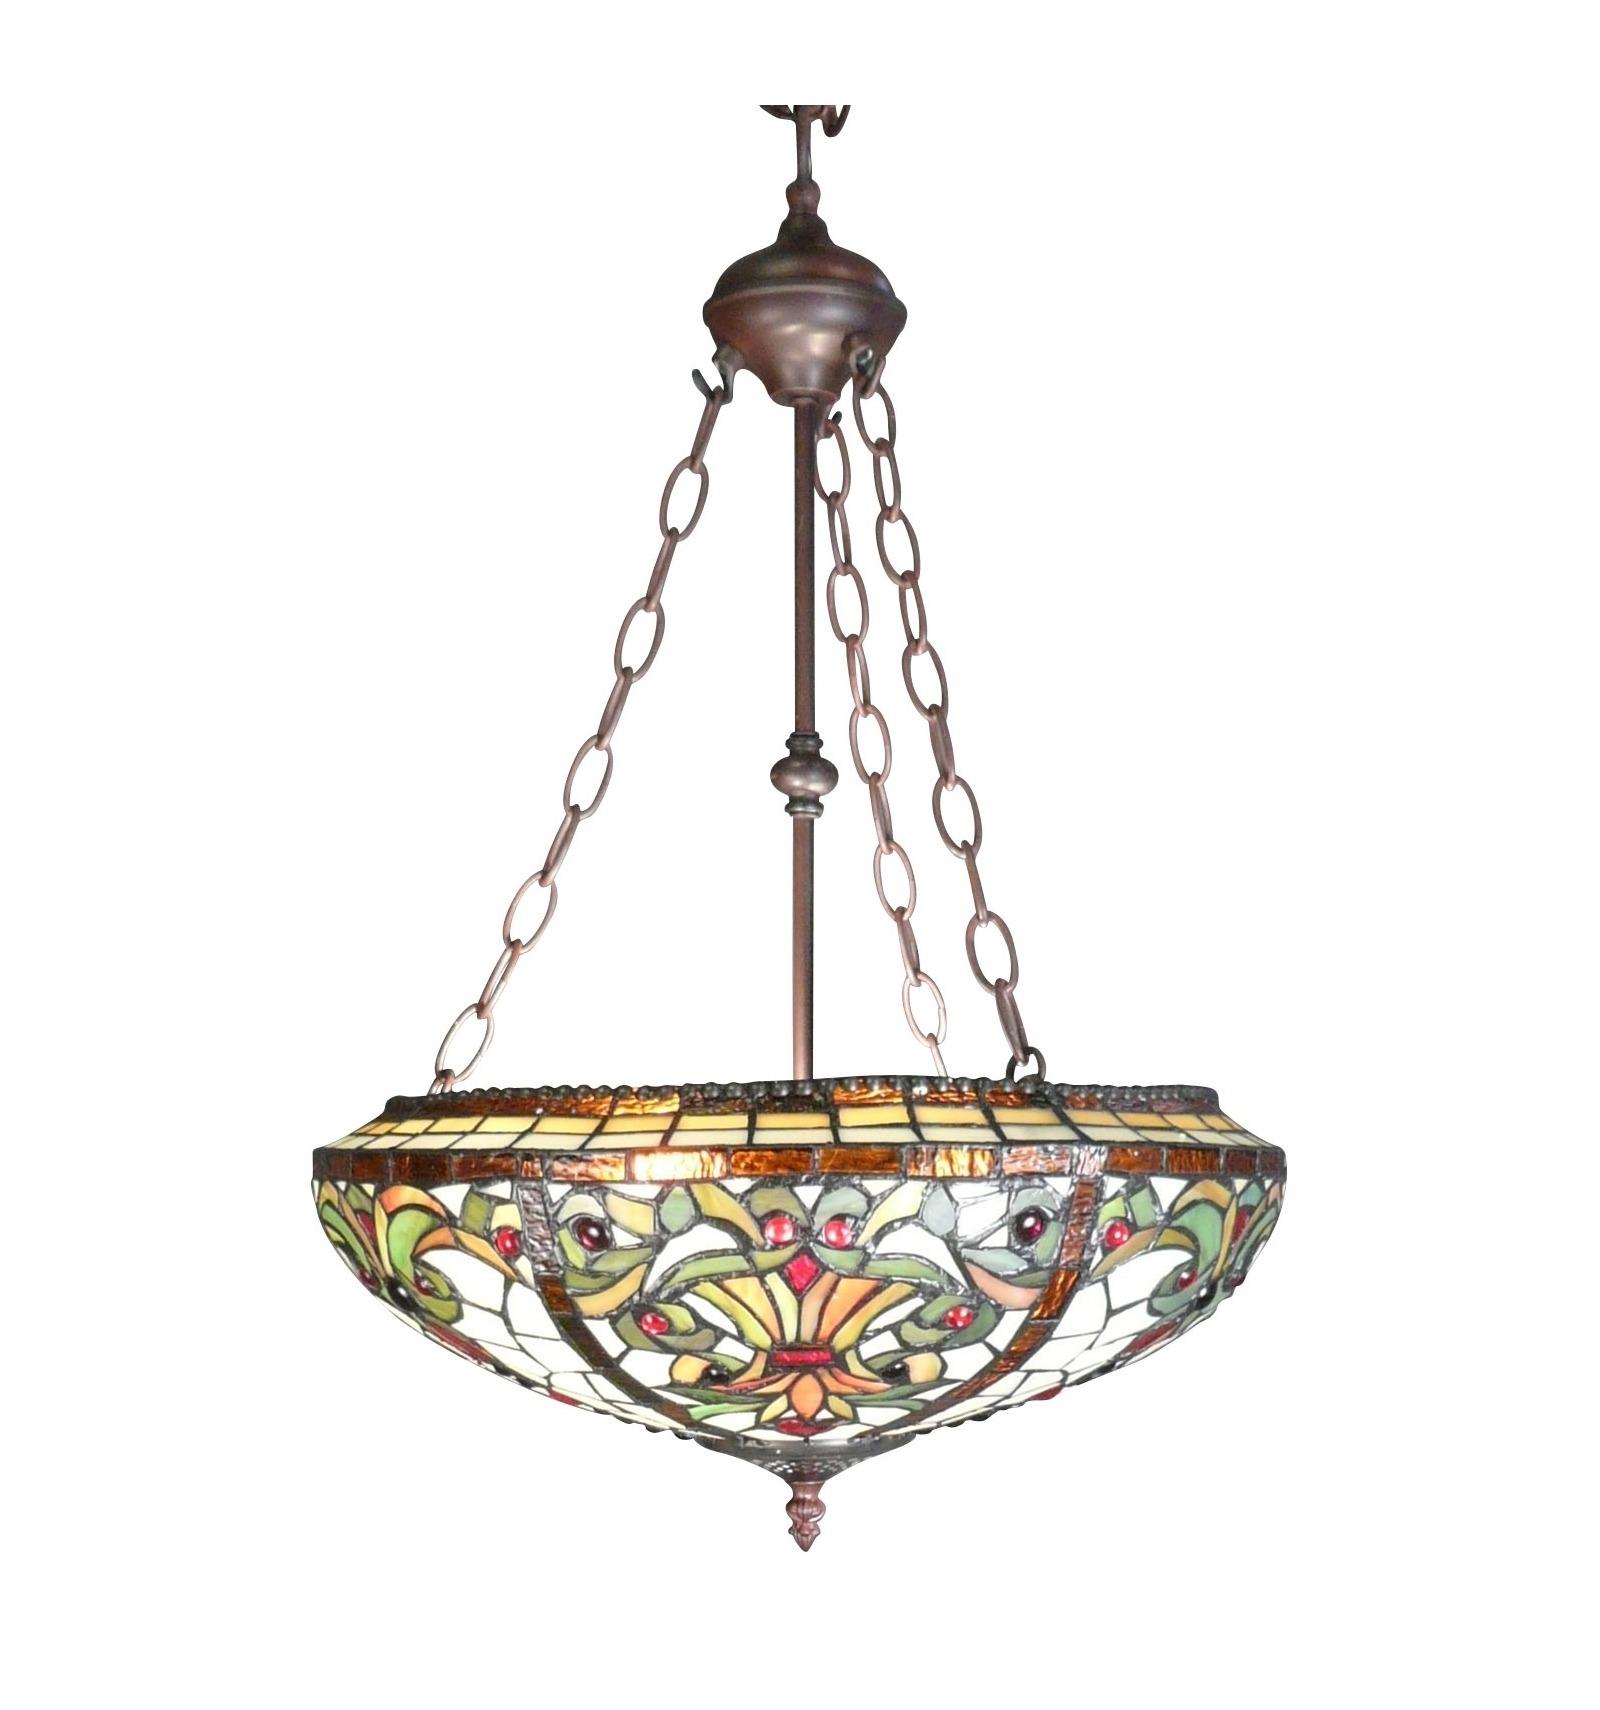 Kronleuchter tiffany reihe indiana lampe und eine stehlampe - Kronleuchter stehlampe ...